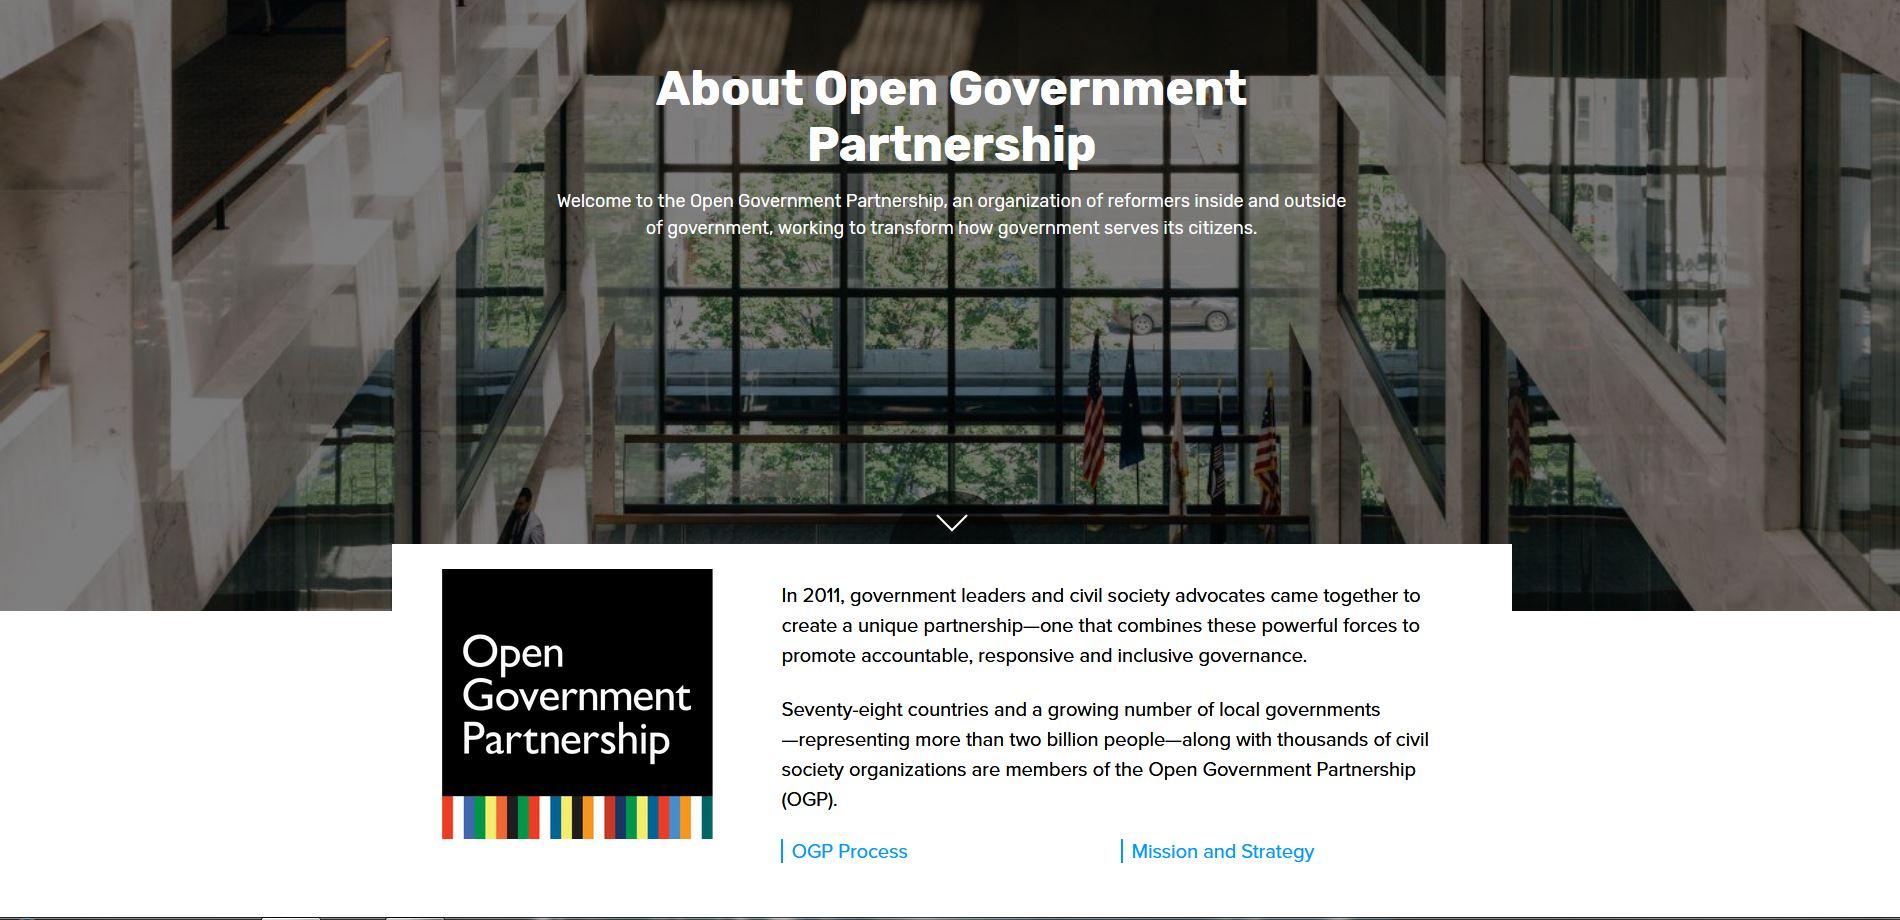 L'Italia è il Paese più votato per un nuovo mandato nel comitato direttivo Open Government Partnership